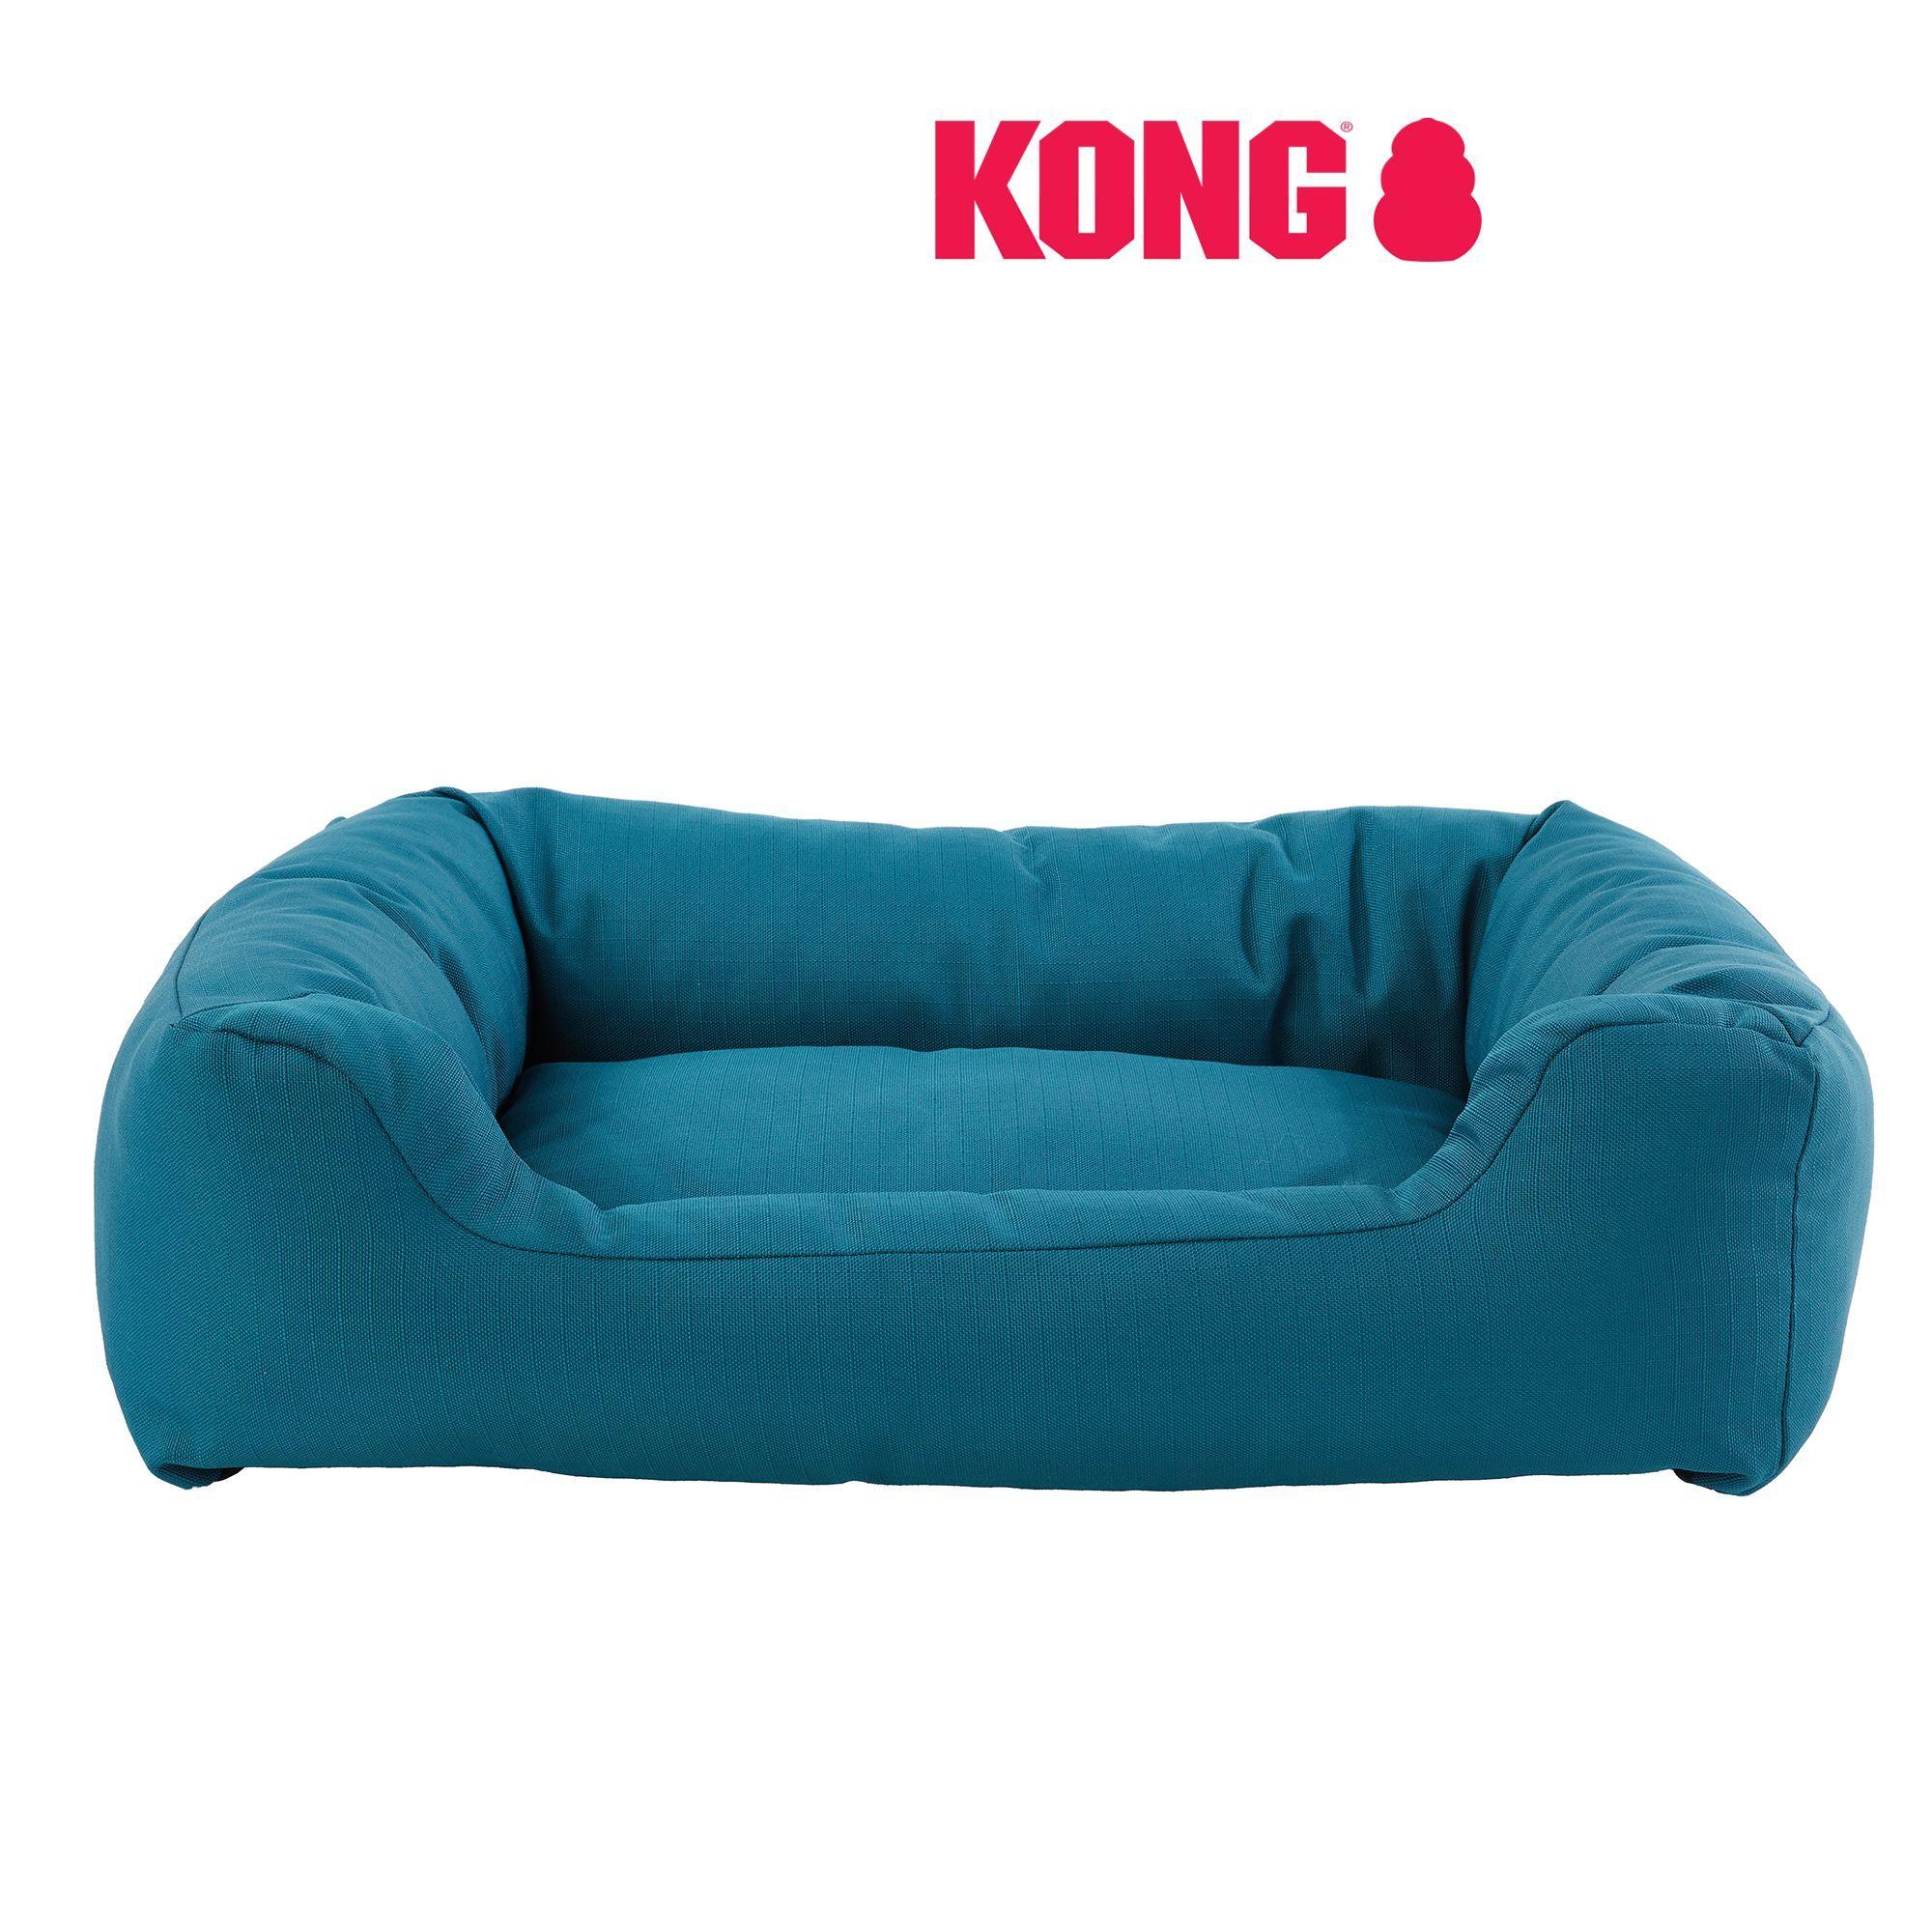 KONG® Cuddler Pet Bed dog Cuddler Beds PetSmart in